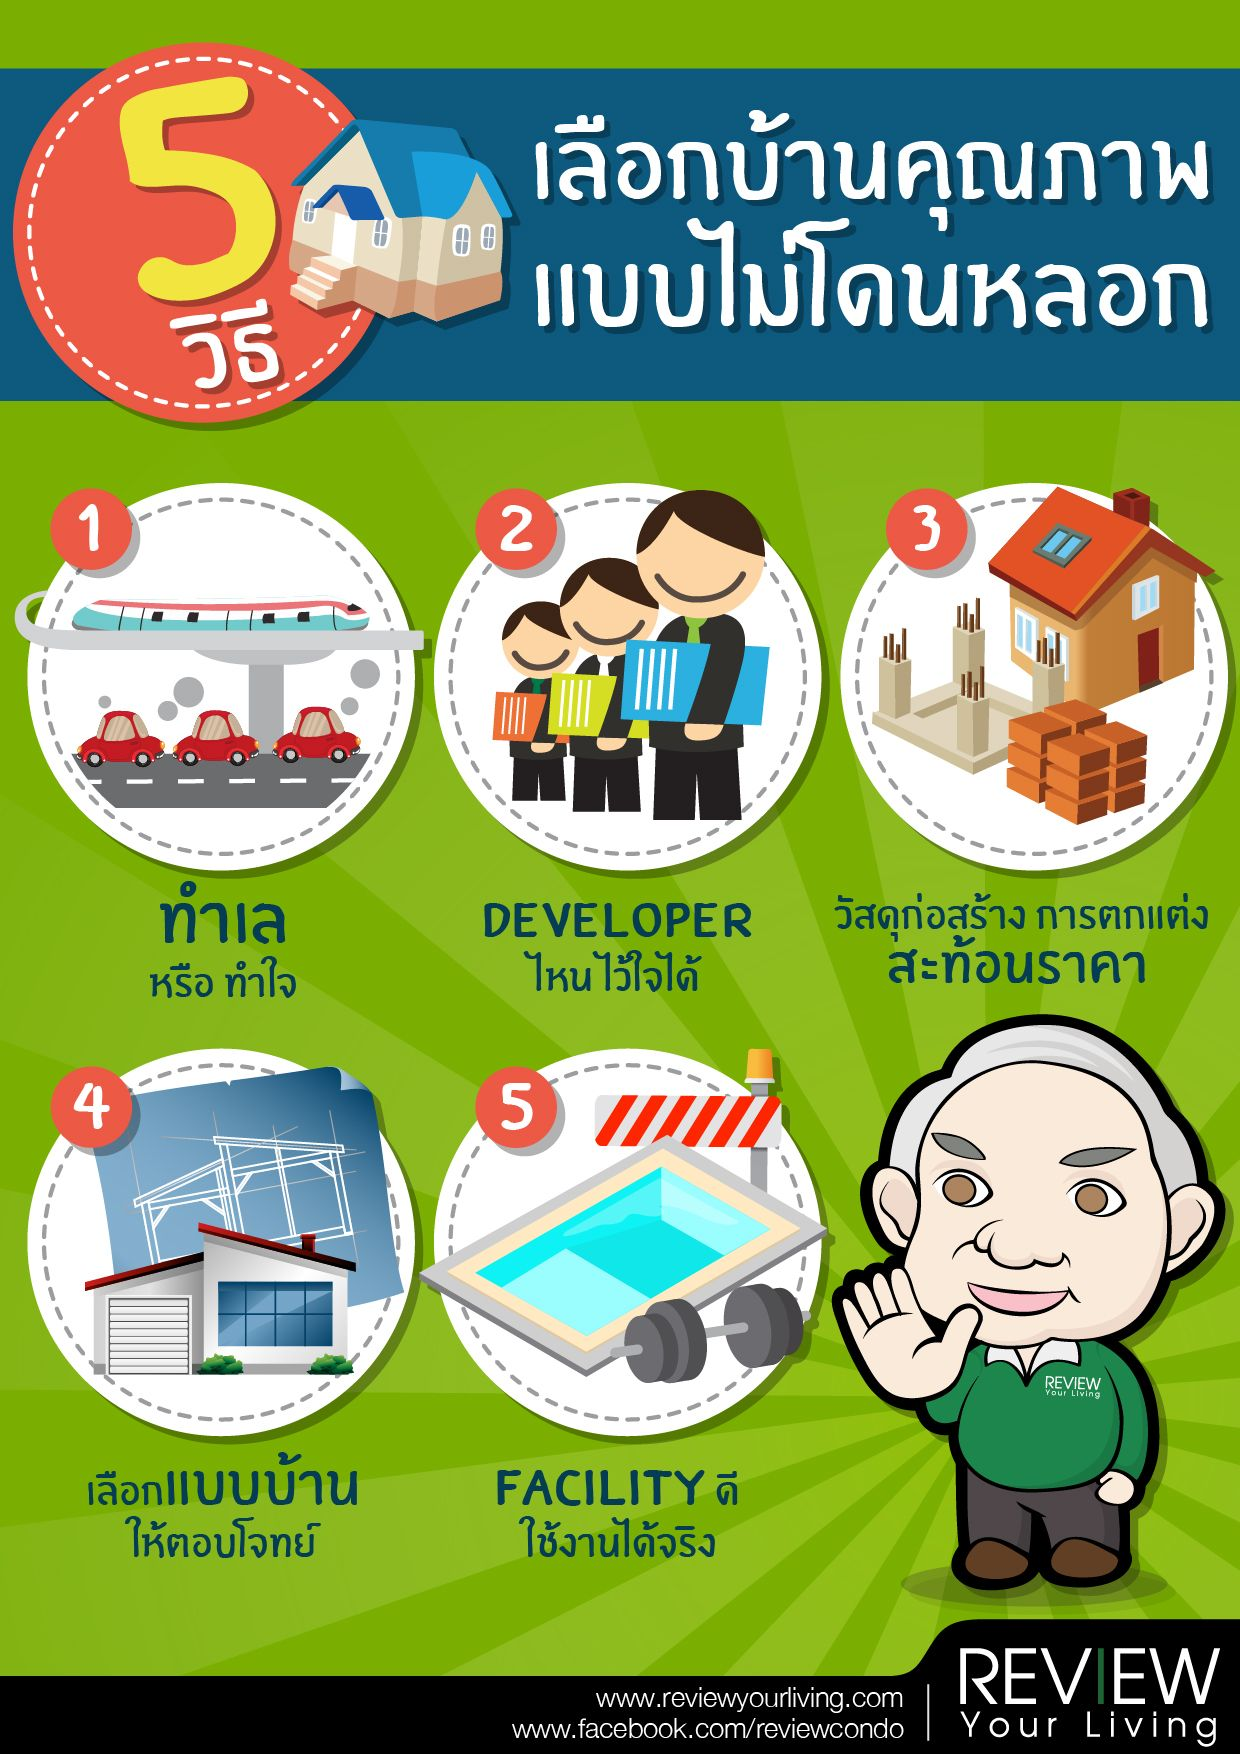 5 วิธีเลือกคุณภาพบ้าน..ไม่โดนหลอก